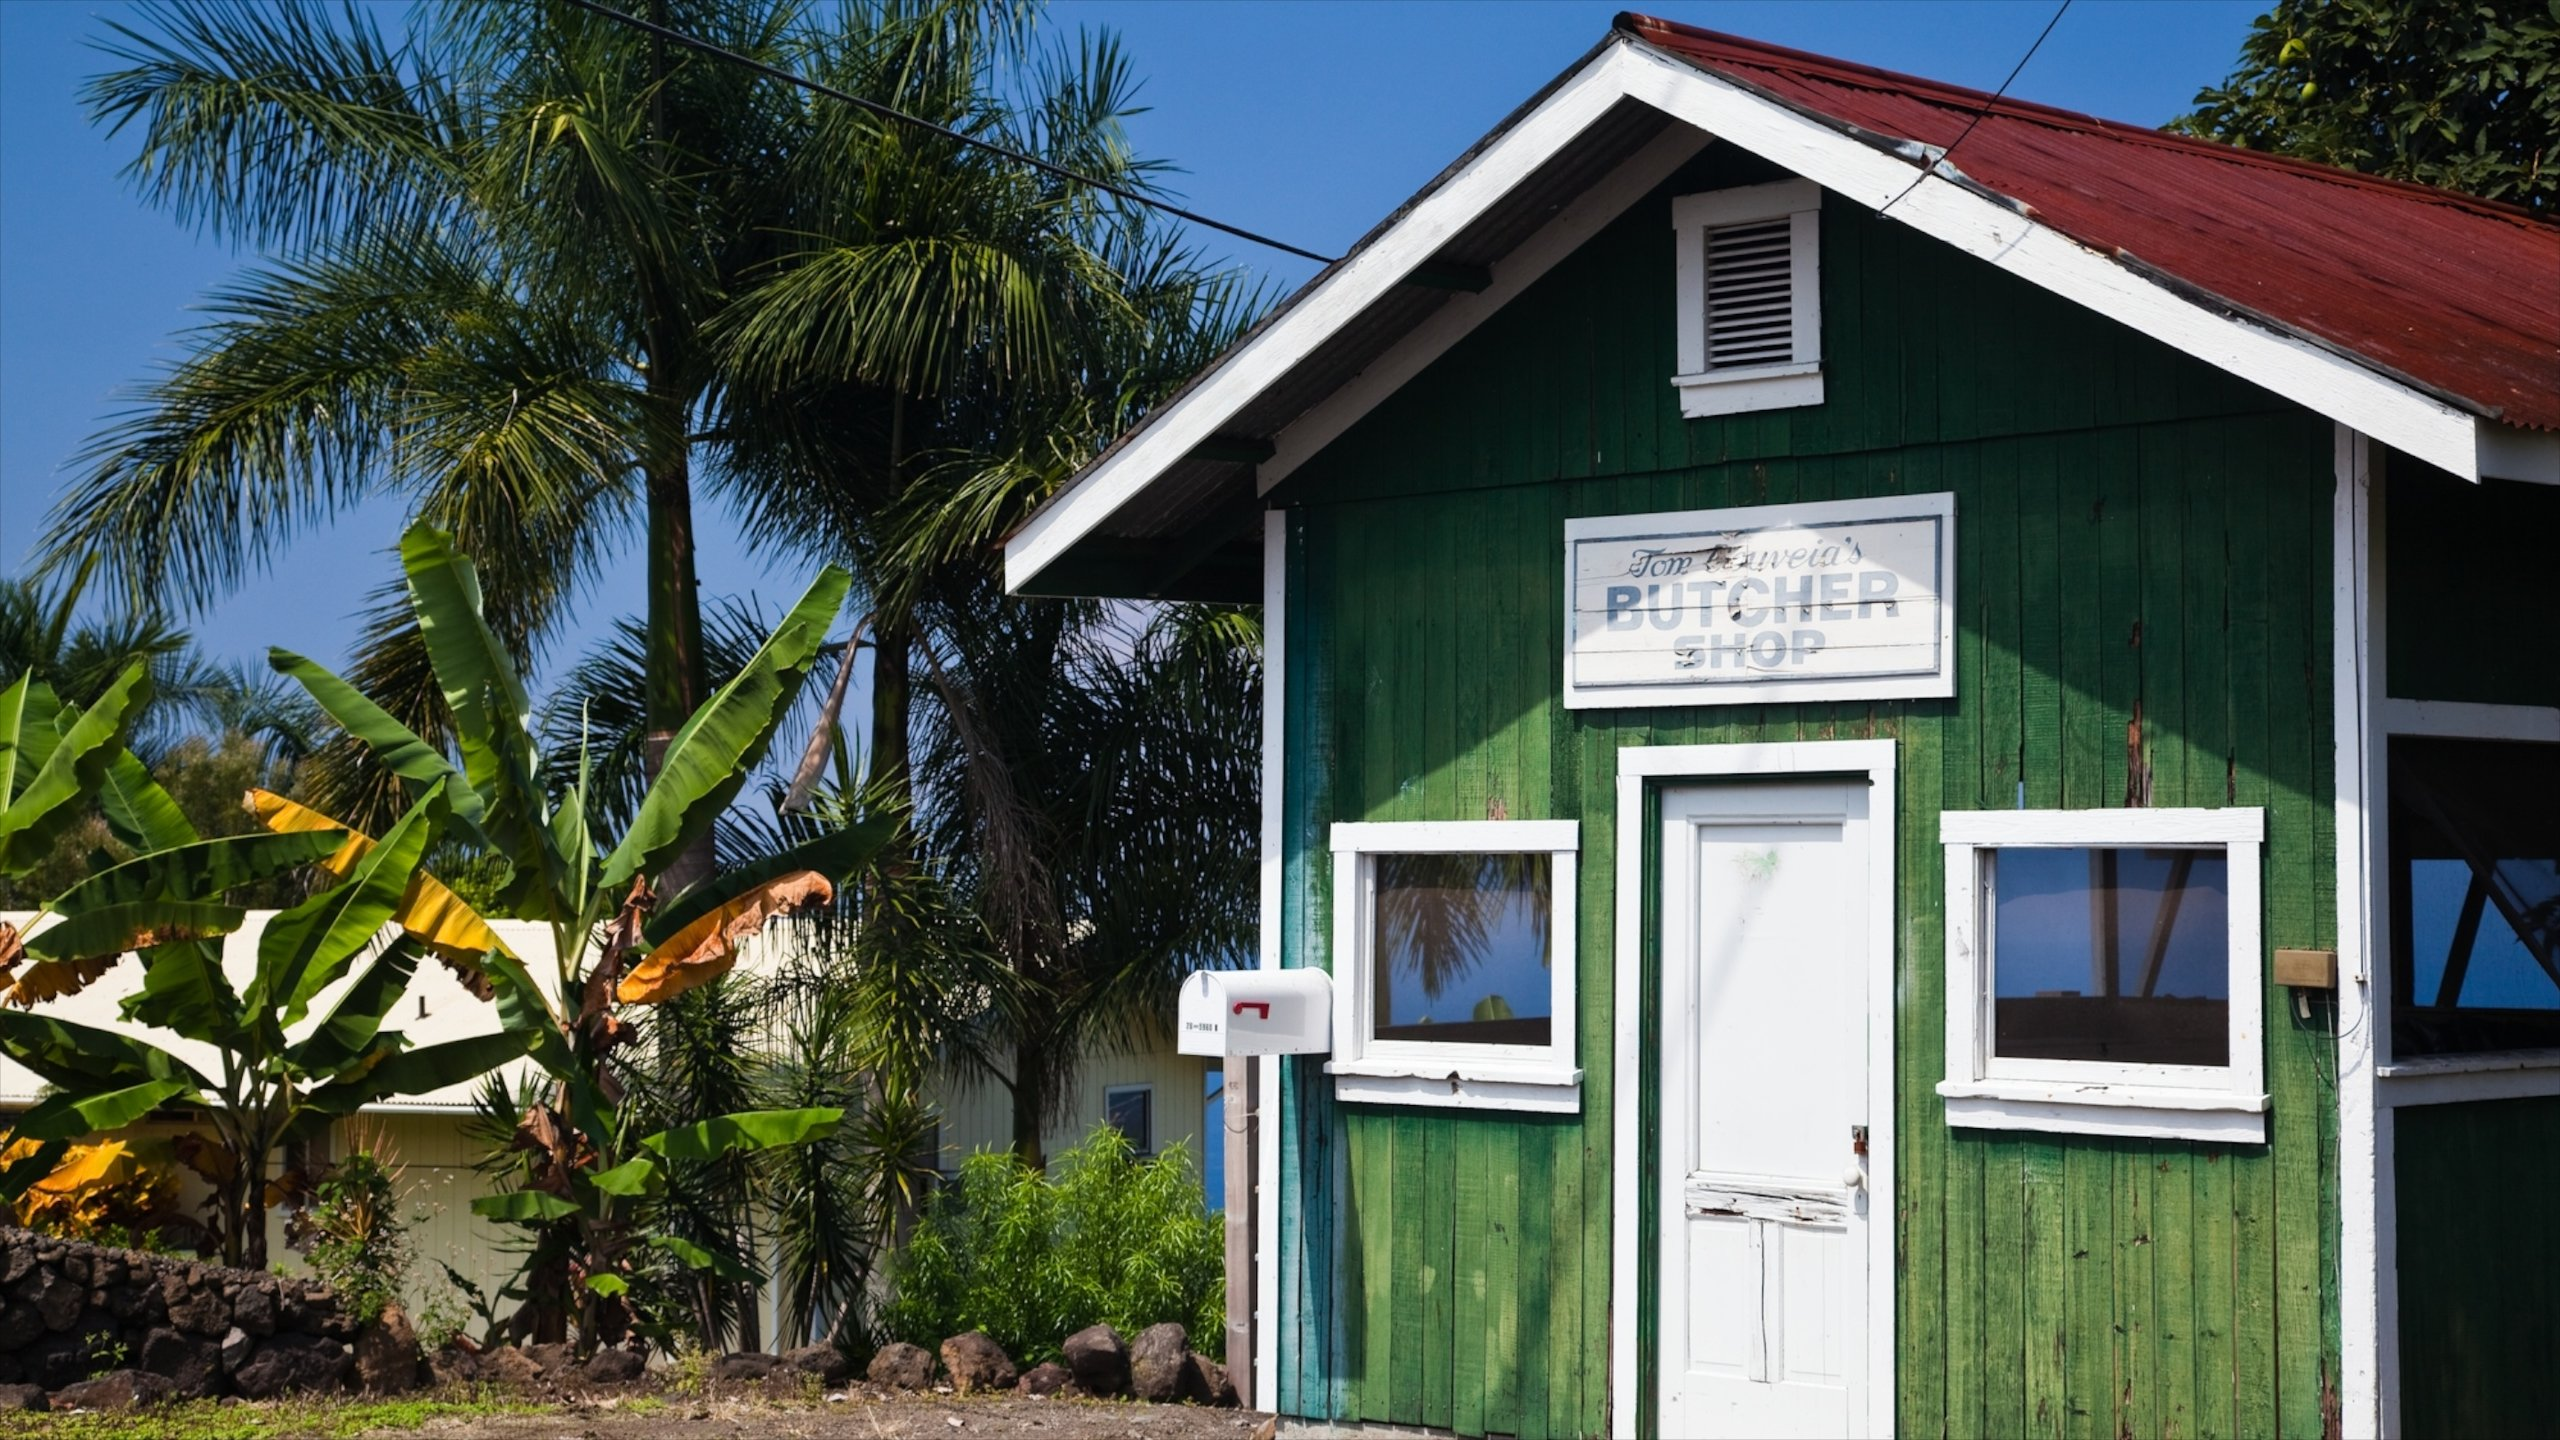 Holualoa, Hawaii, United States of America